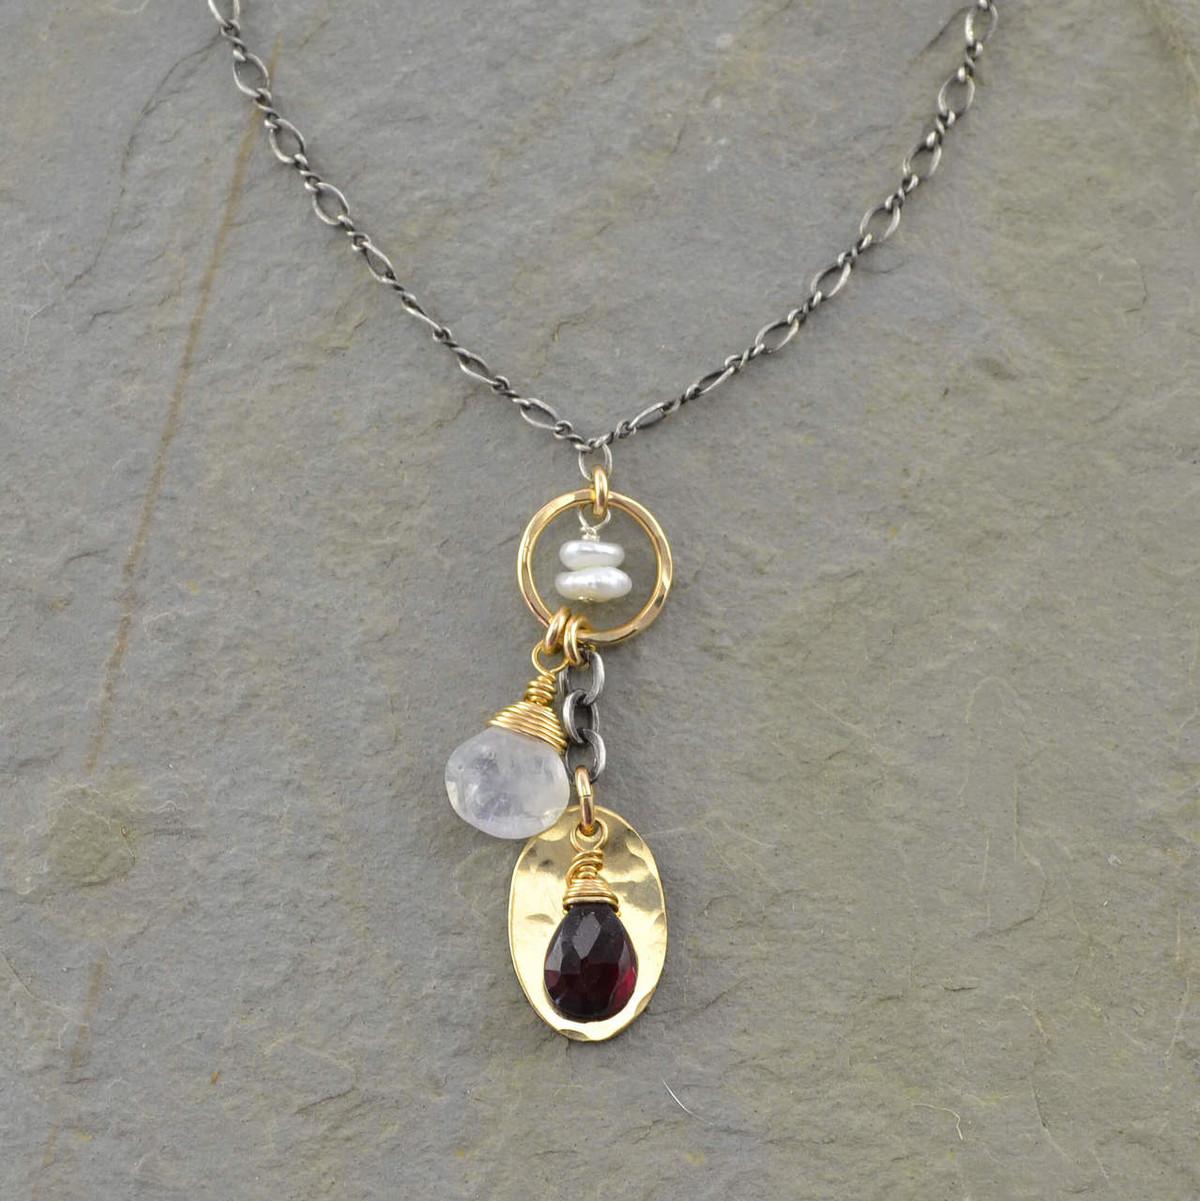 Hand-made gem pendant